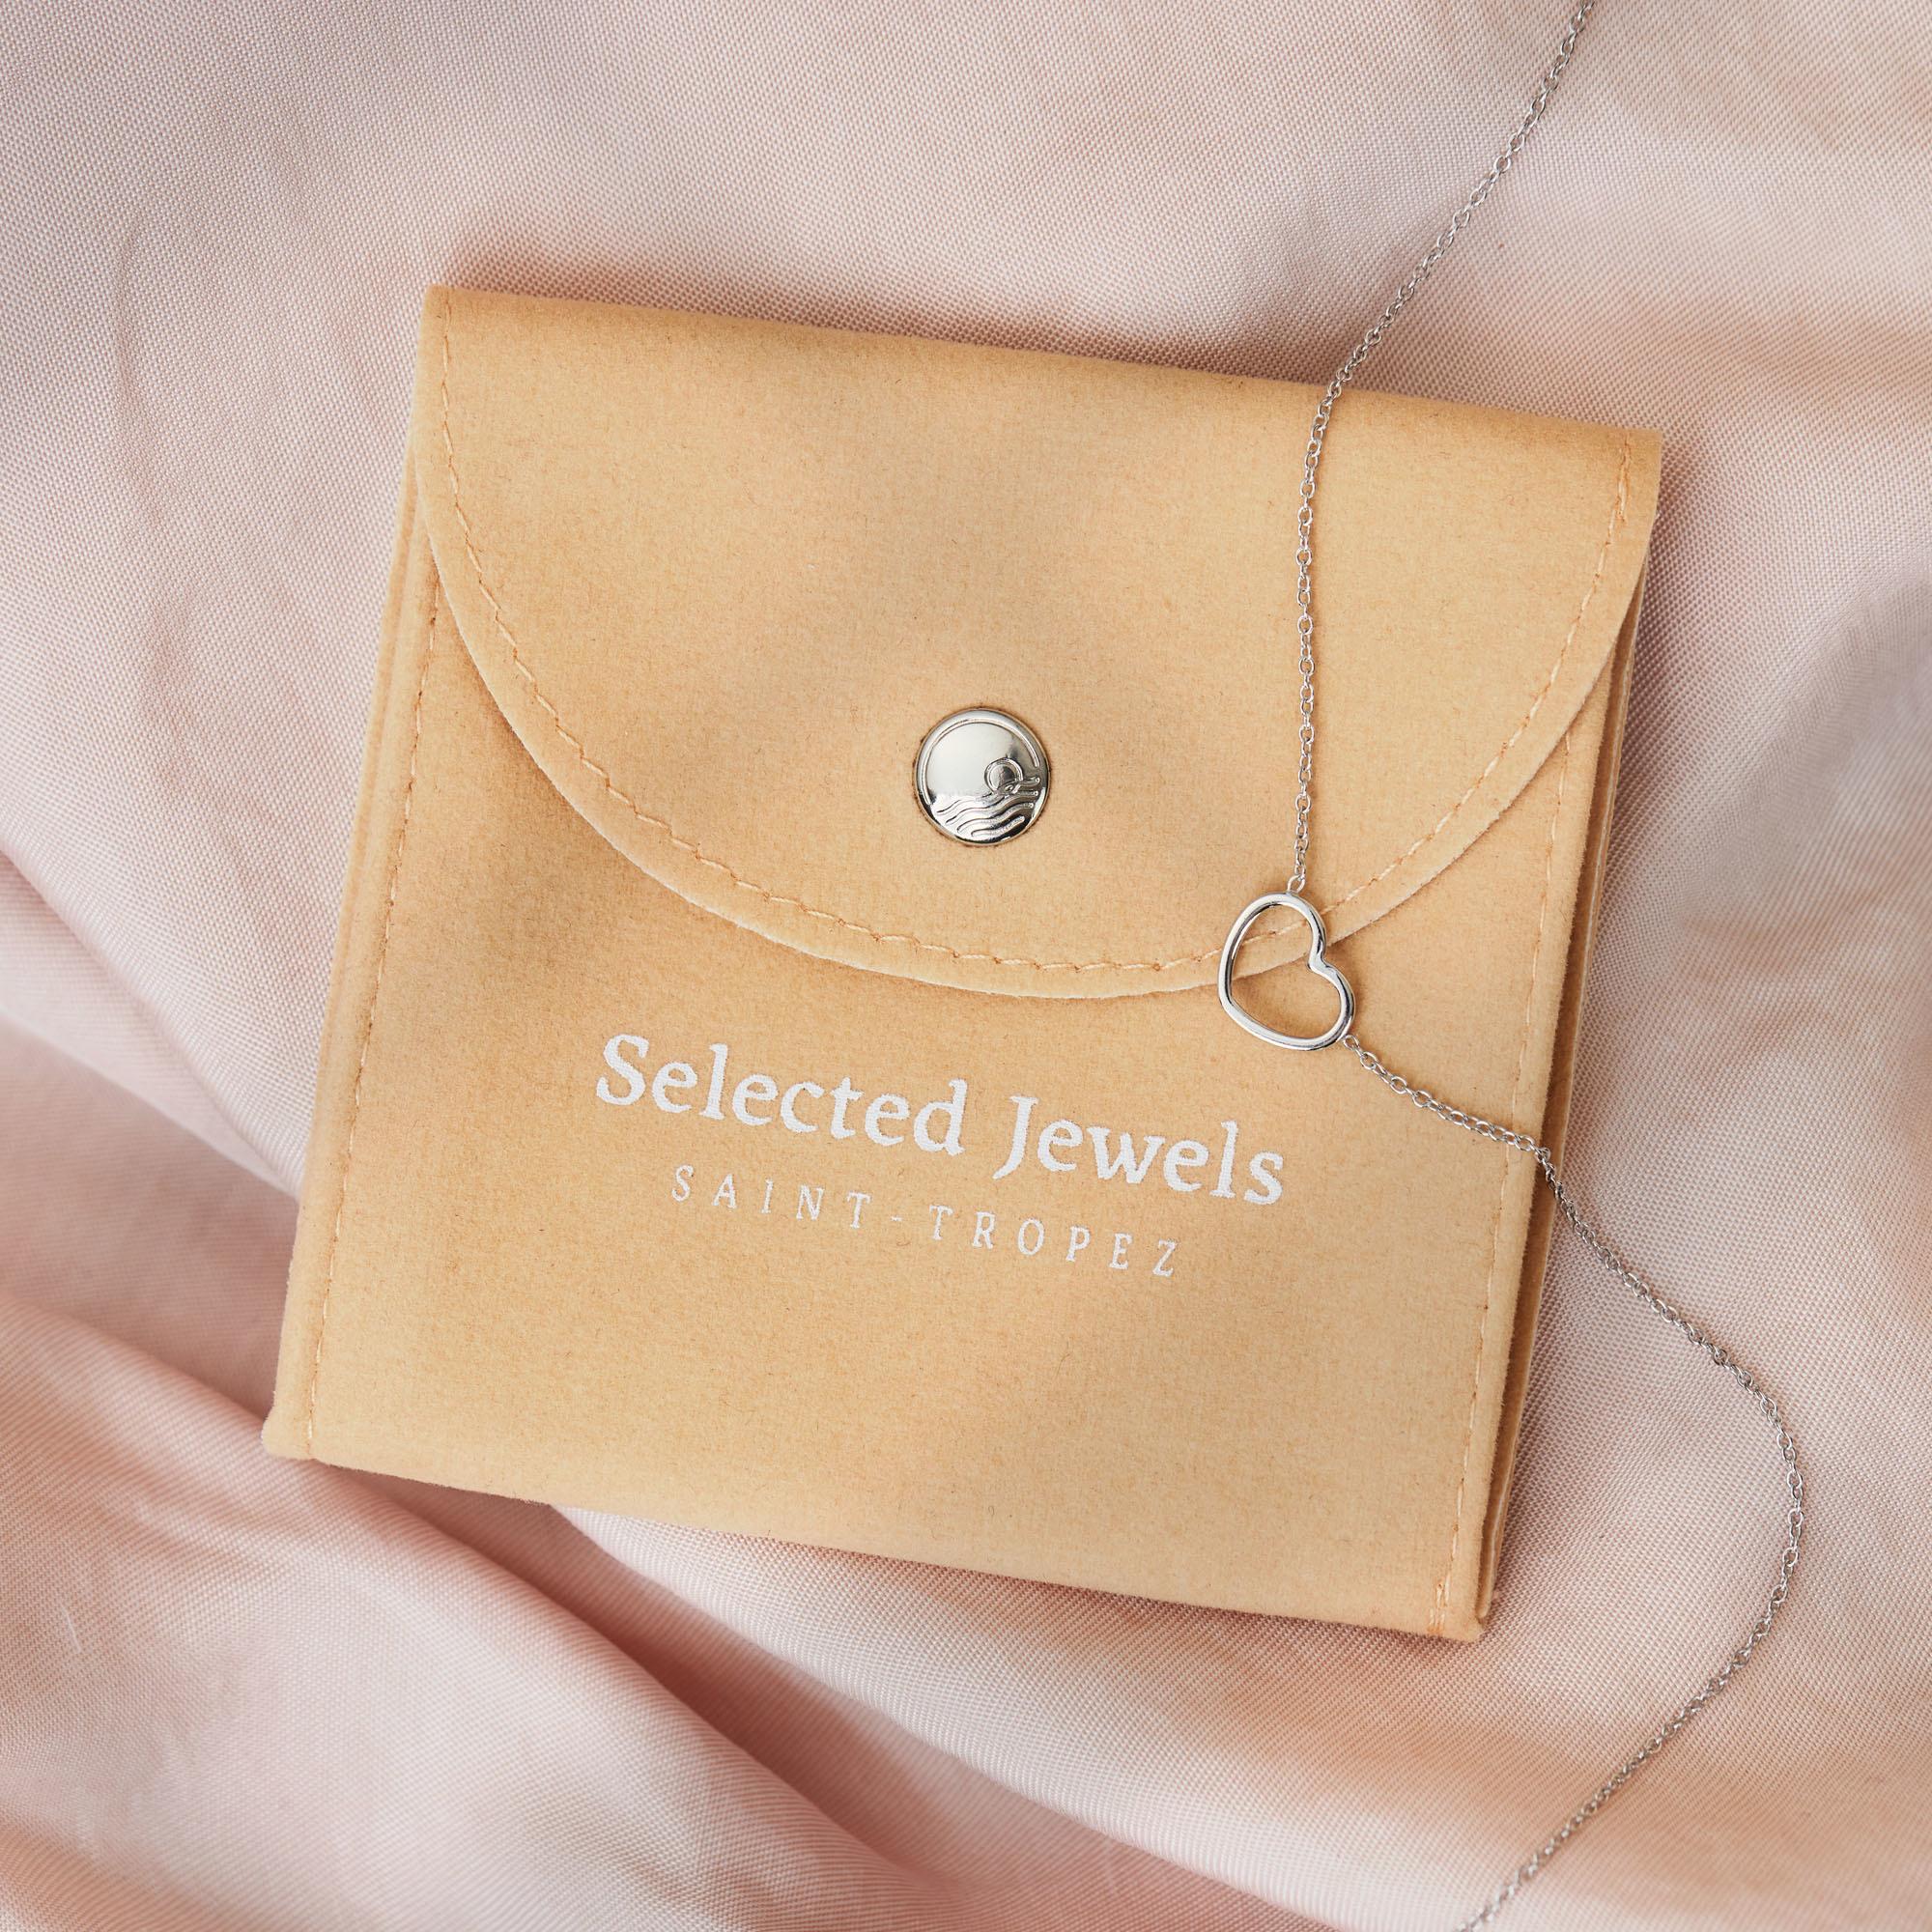 Selected Jewels Julie Théa 925 sterling zilveren goudkleurige creolen met kruisjes